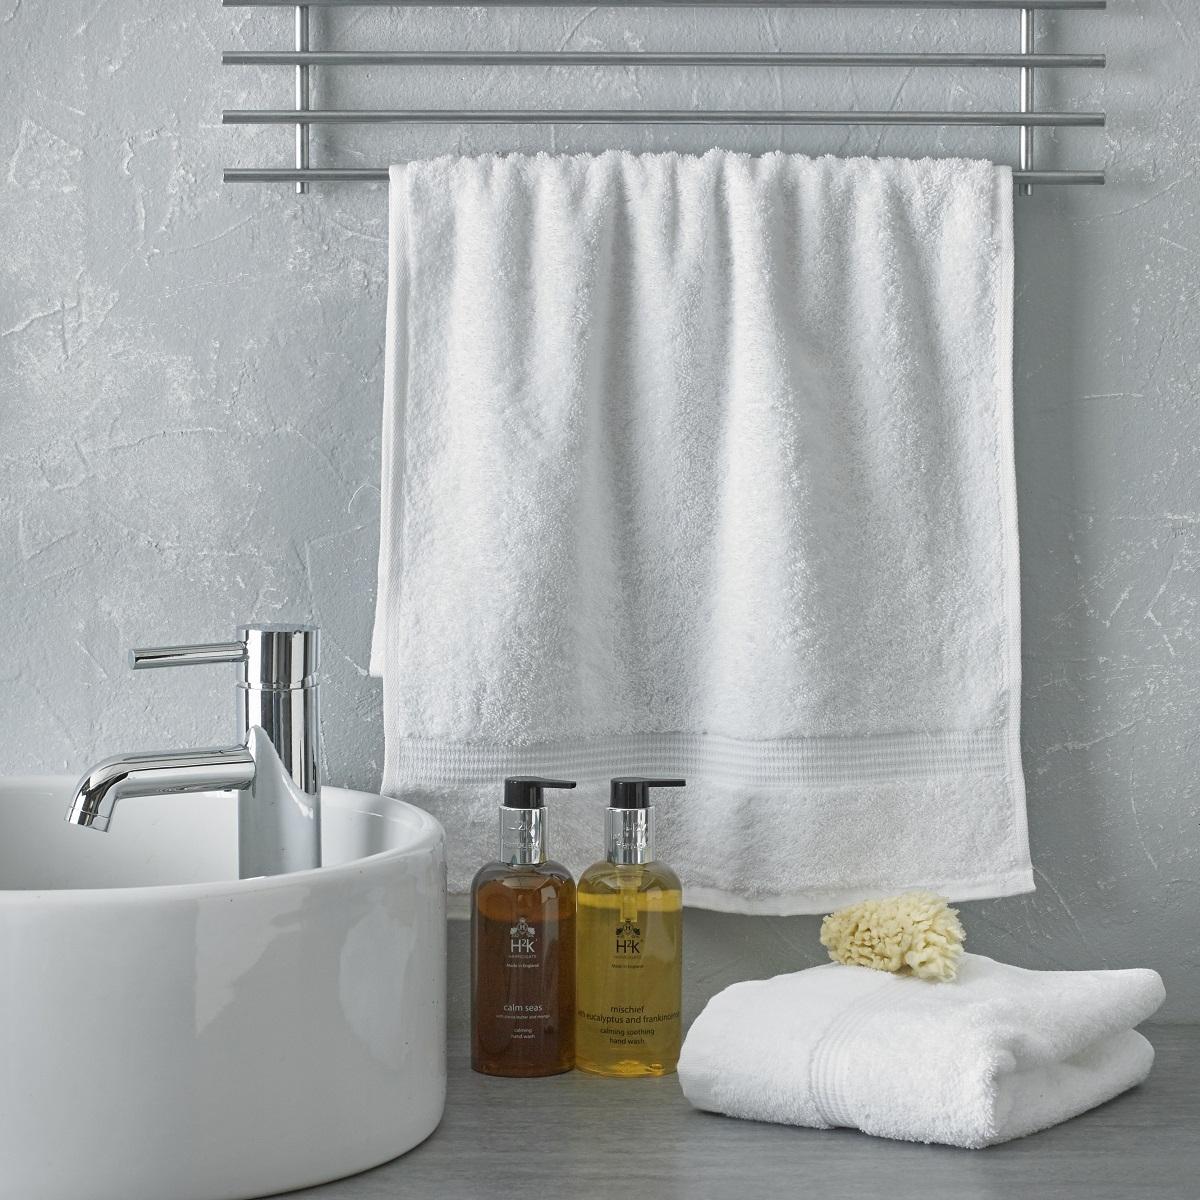 Luxe_guest_towel_white.jpg-1200.jpg